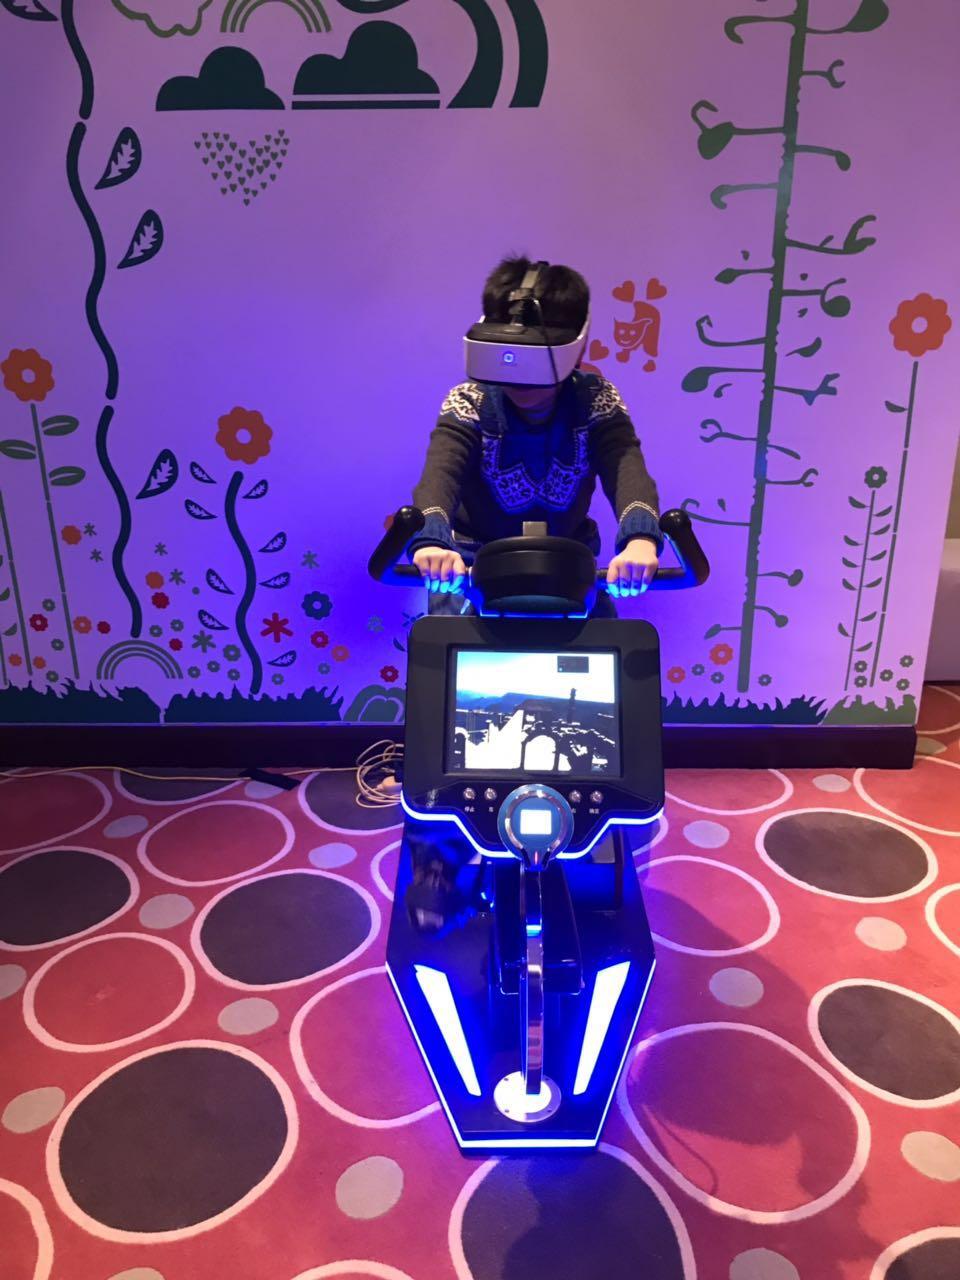 vr自行车游戏设备租赁